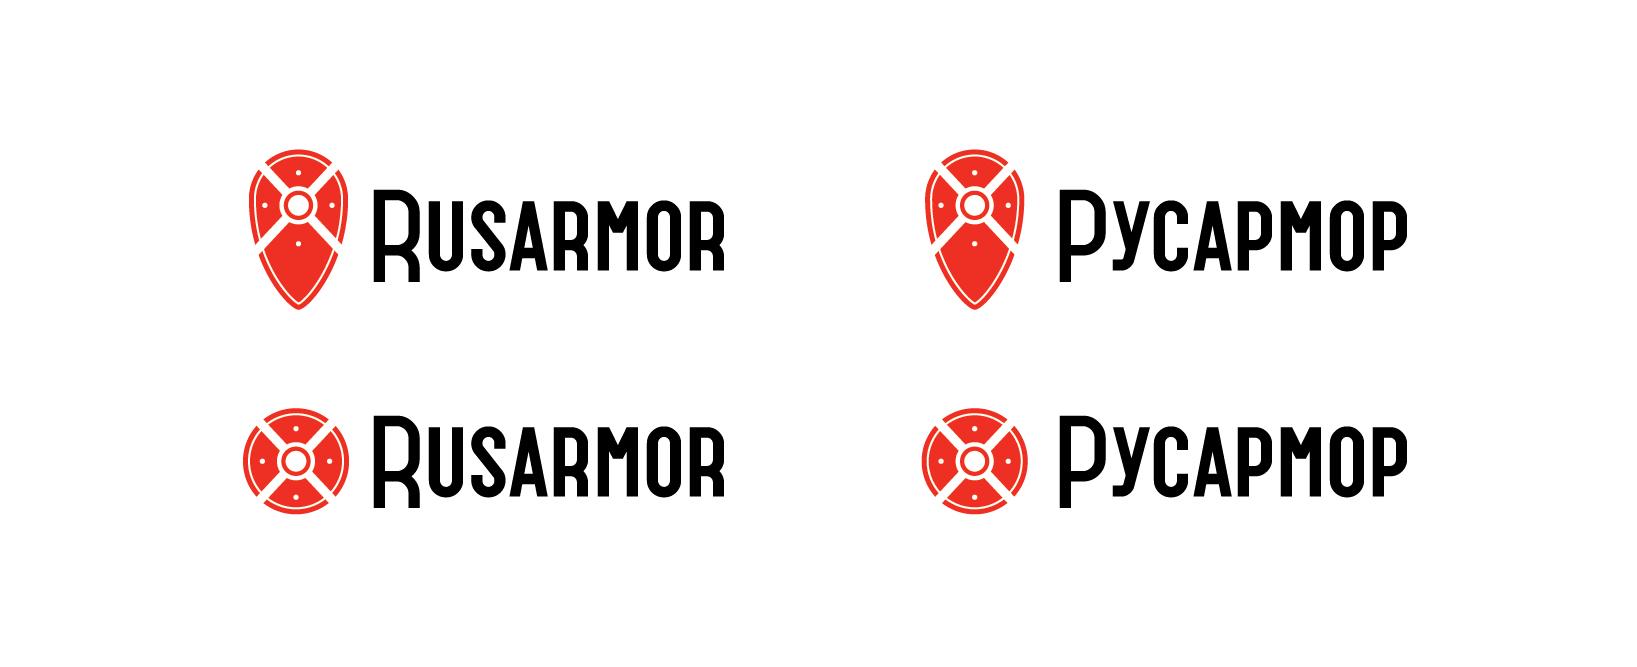 Разработка логотипа технологического стартапа РУСАРМОР фото f_8045a0b0f8546aab.jpg